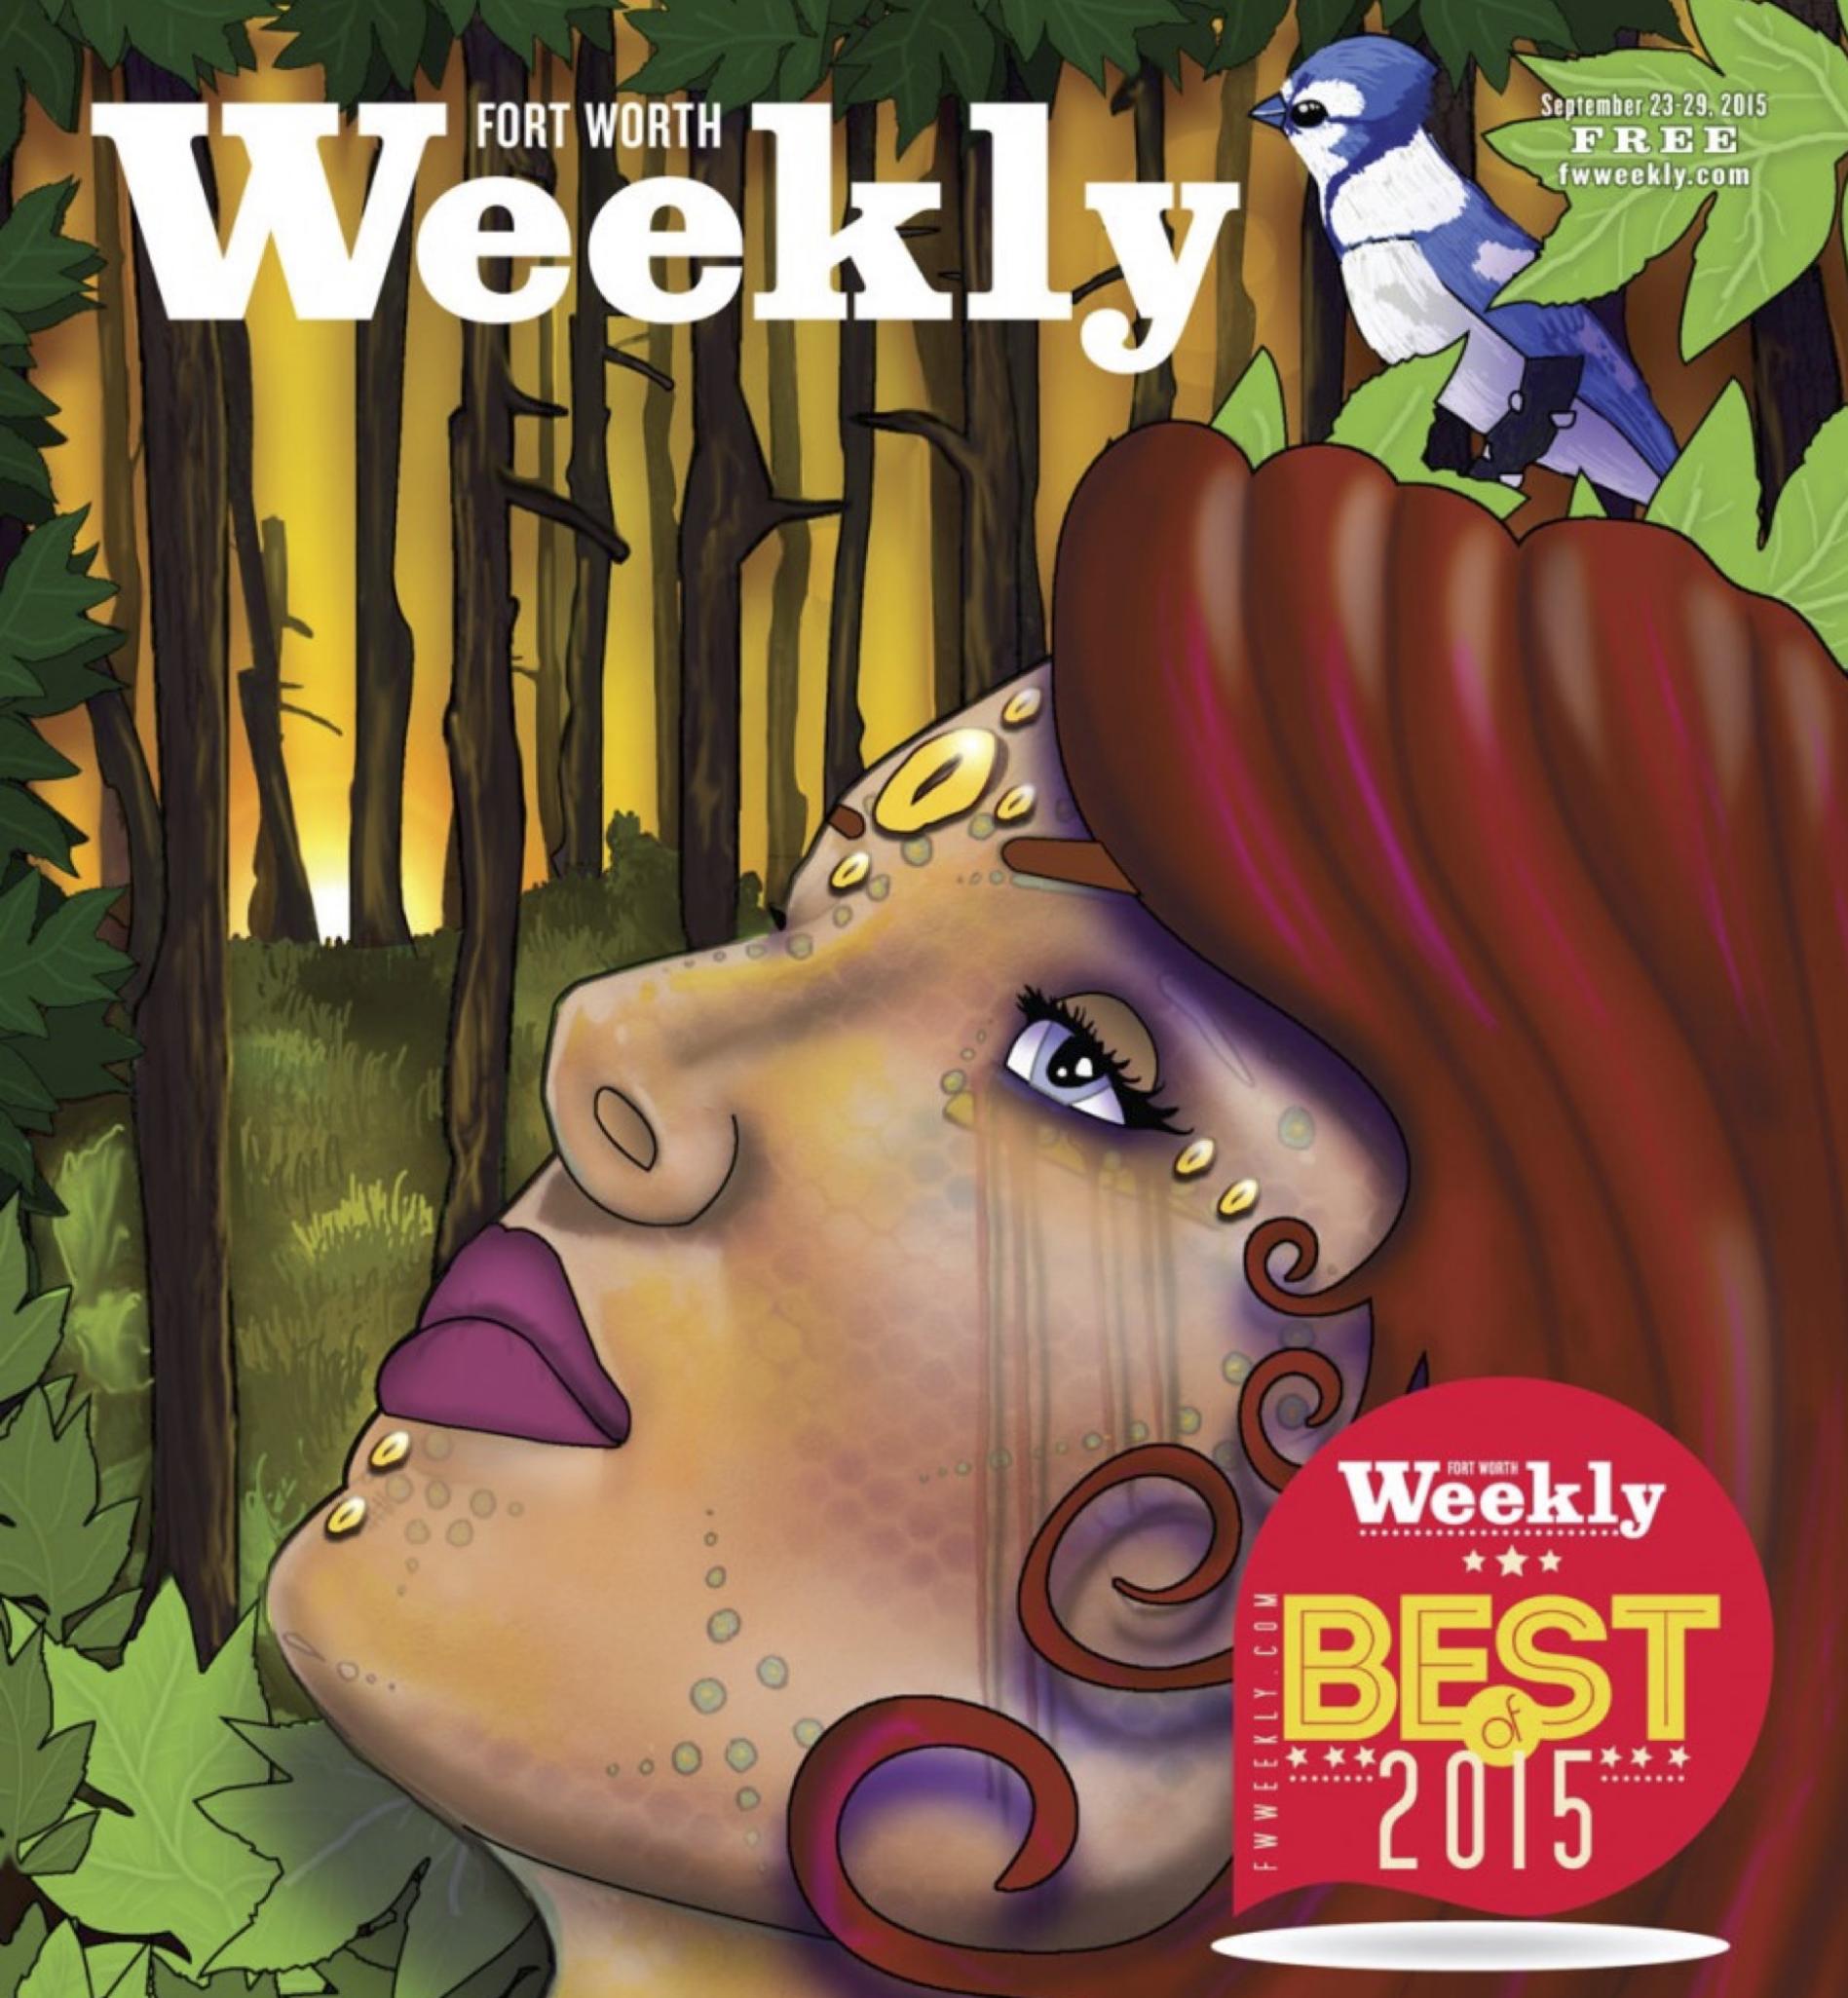 FW weekly cover.jpg